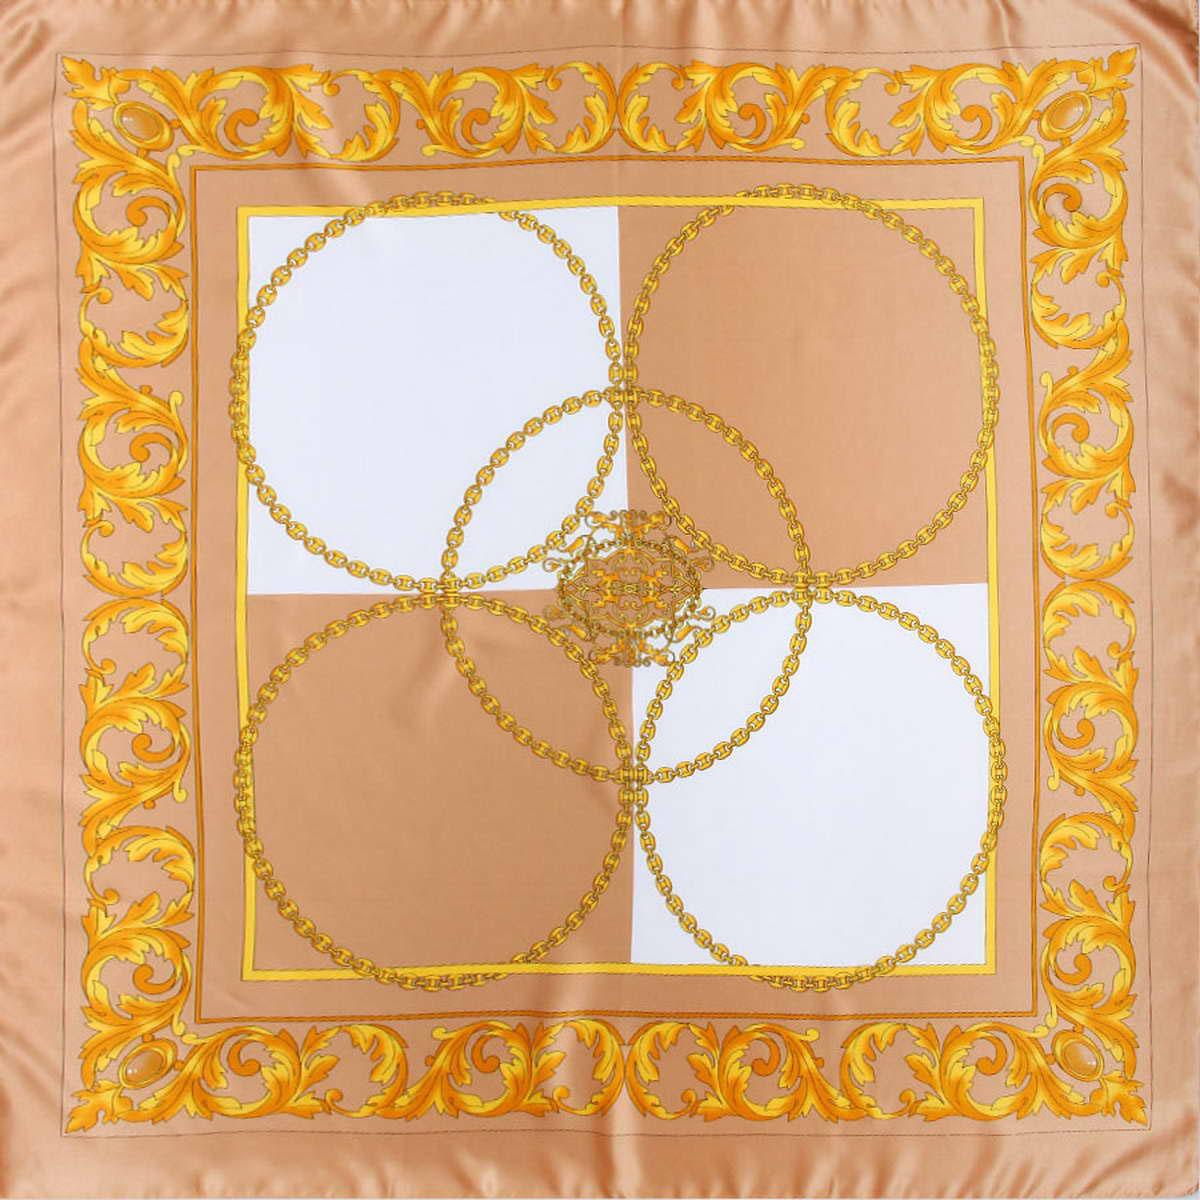 Платок3914983-04Стильный женский платок Venera станет великолепным завершением любого наряда. Платок, изготовленный из полиэстера, оформлен оригинальным принтом с изображением цепей. Классическая квадратная форма позволяет носить платок на шее, украшать им прическу или декорировать сумочку. Легкий и приятный на ощупь платок поможет вам создать изысканный женственный образ. Такой платок превосходно дополнит любой наряд и подчеркнет ваш неповторимый вкус и элегантность.